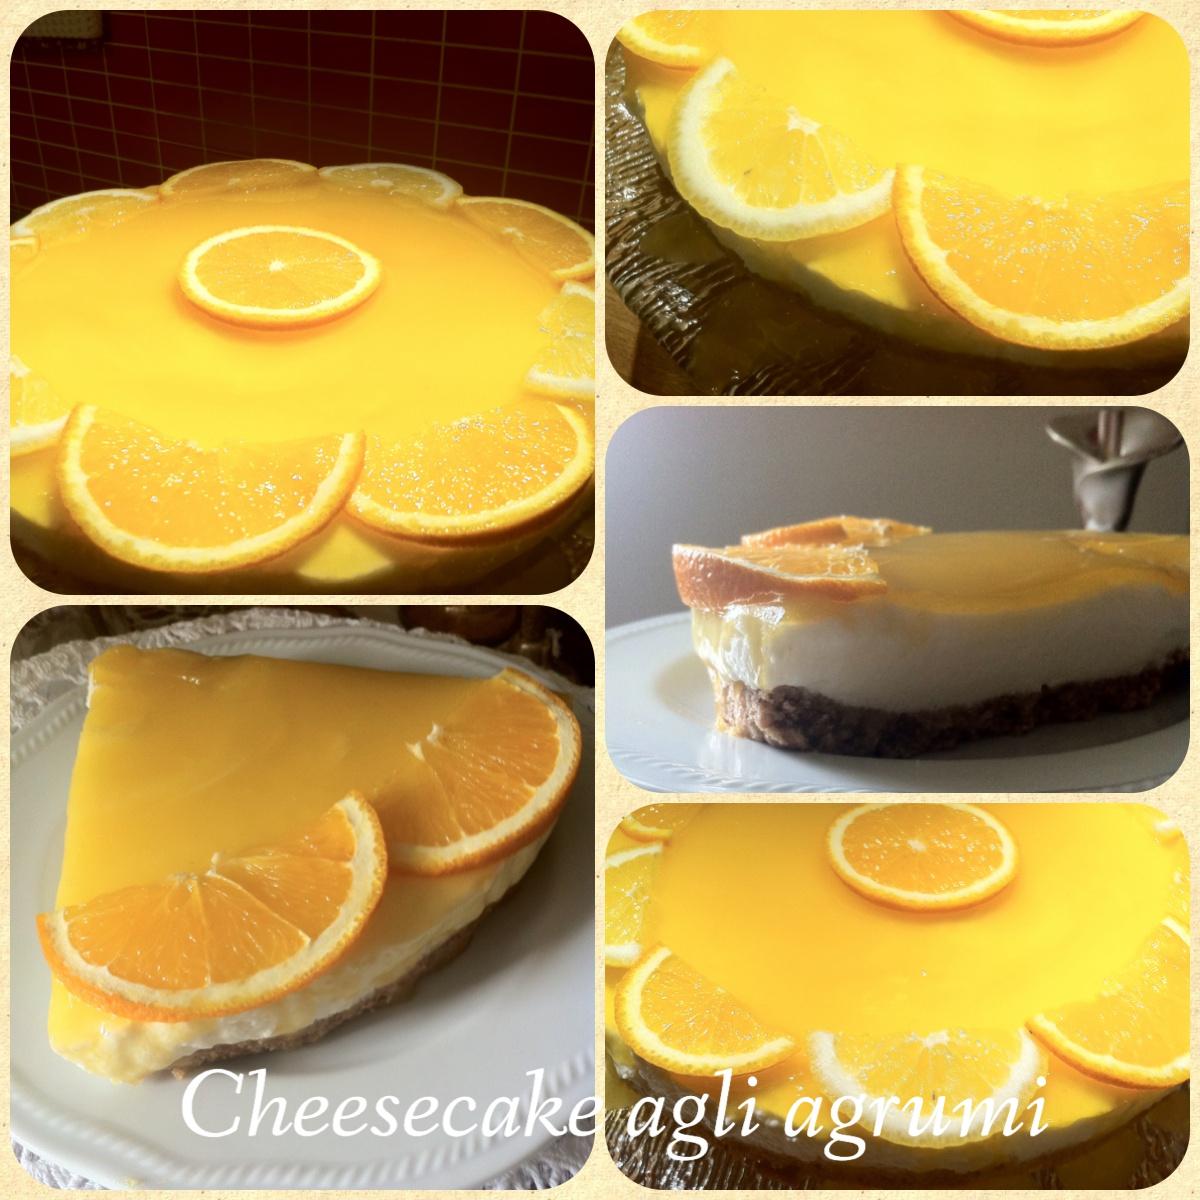 cheesecake-agli-agrumi.JPG